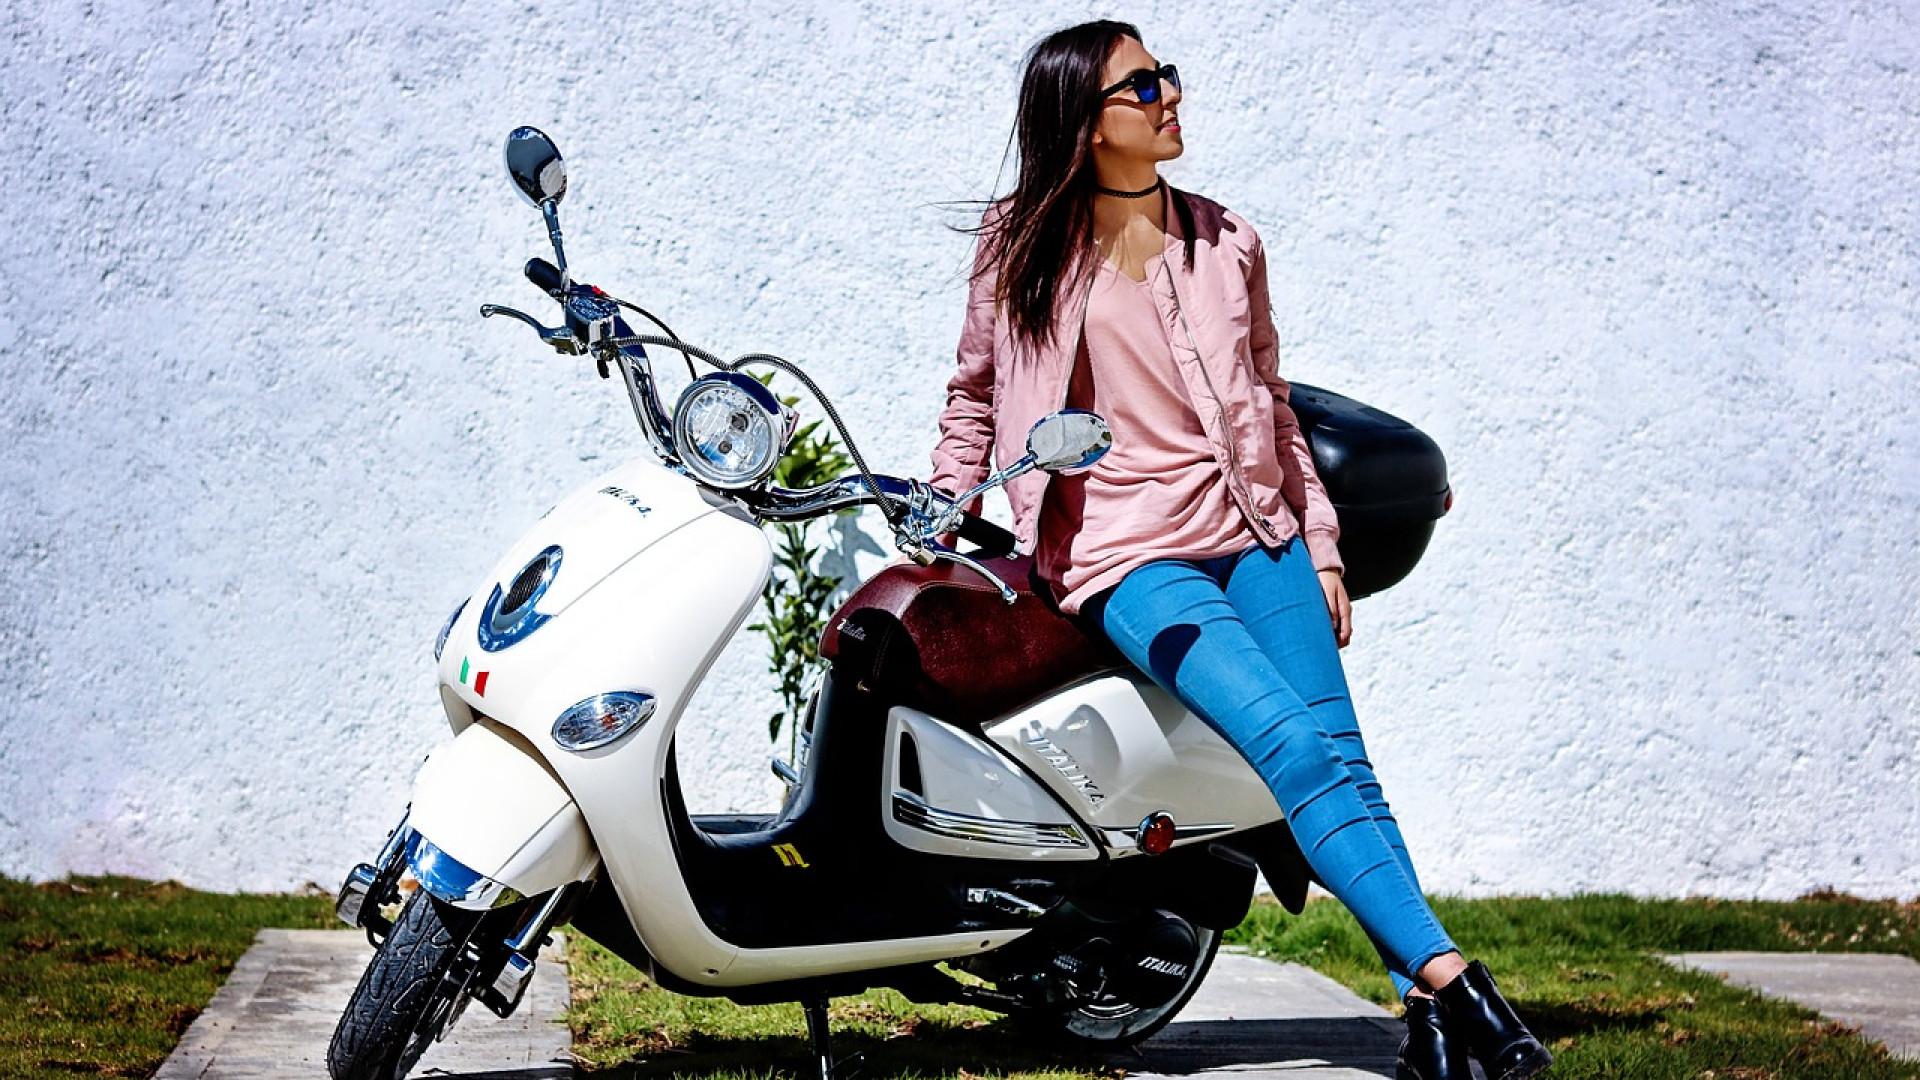 image Comment choisir ses pièces de moto